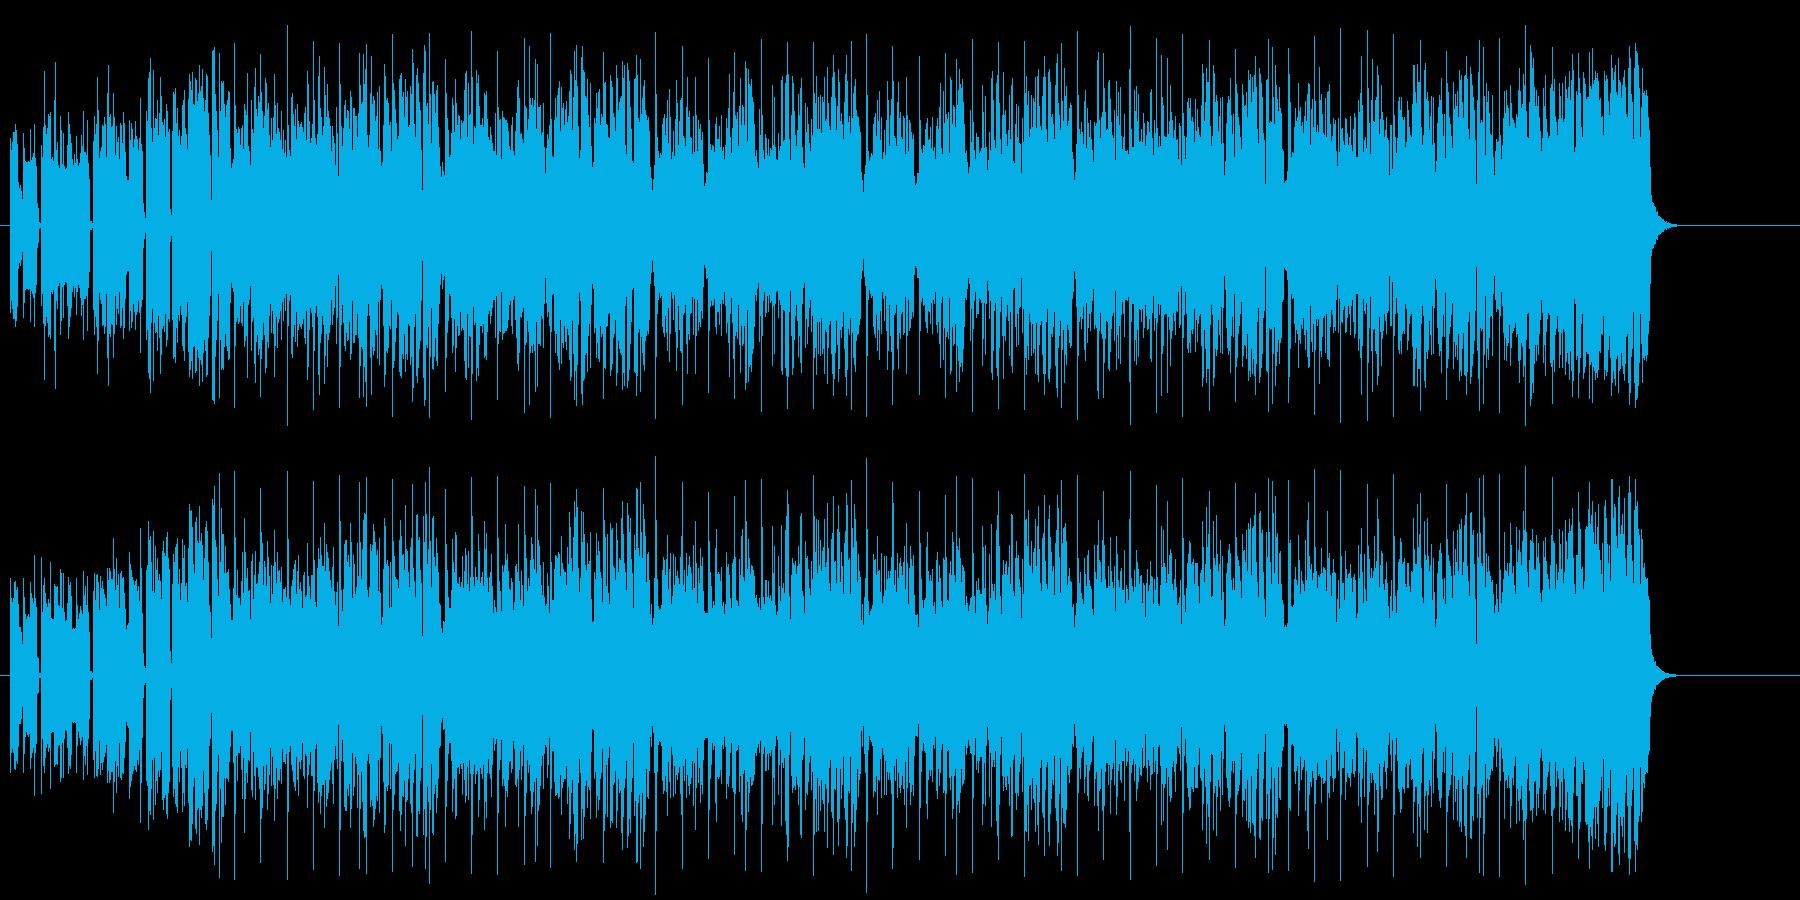 ラップ調ファンク/テクノの再生済みの波形